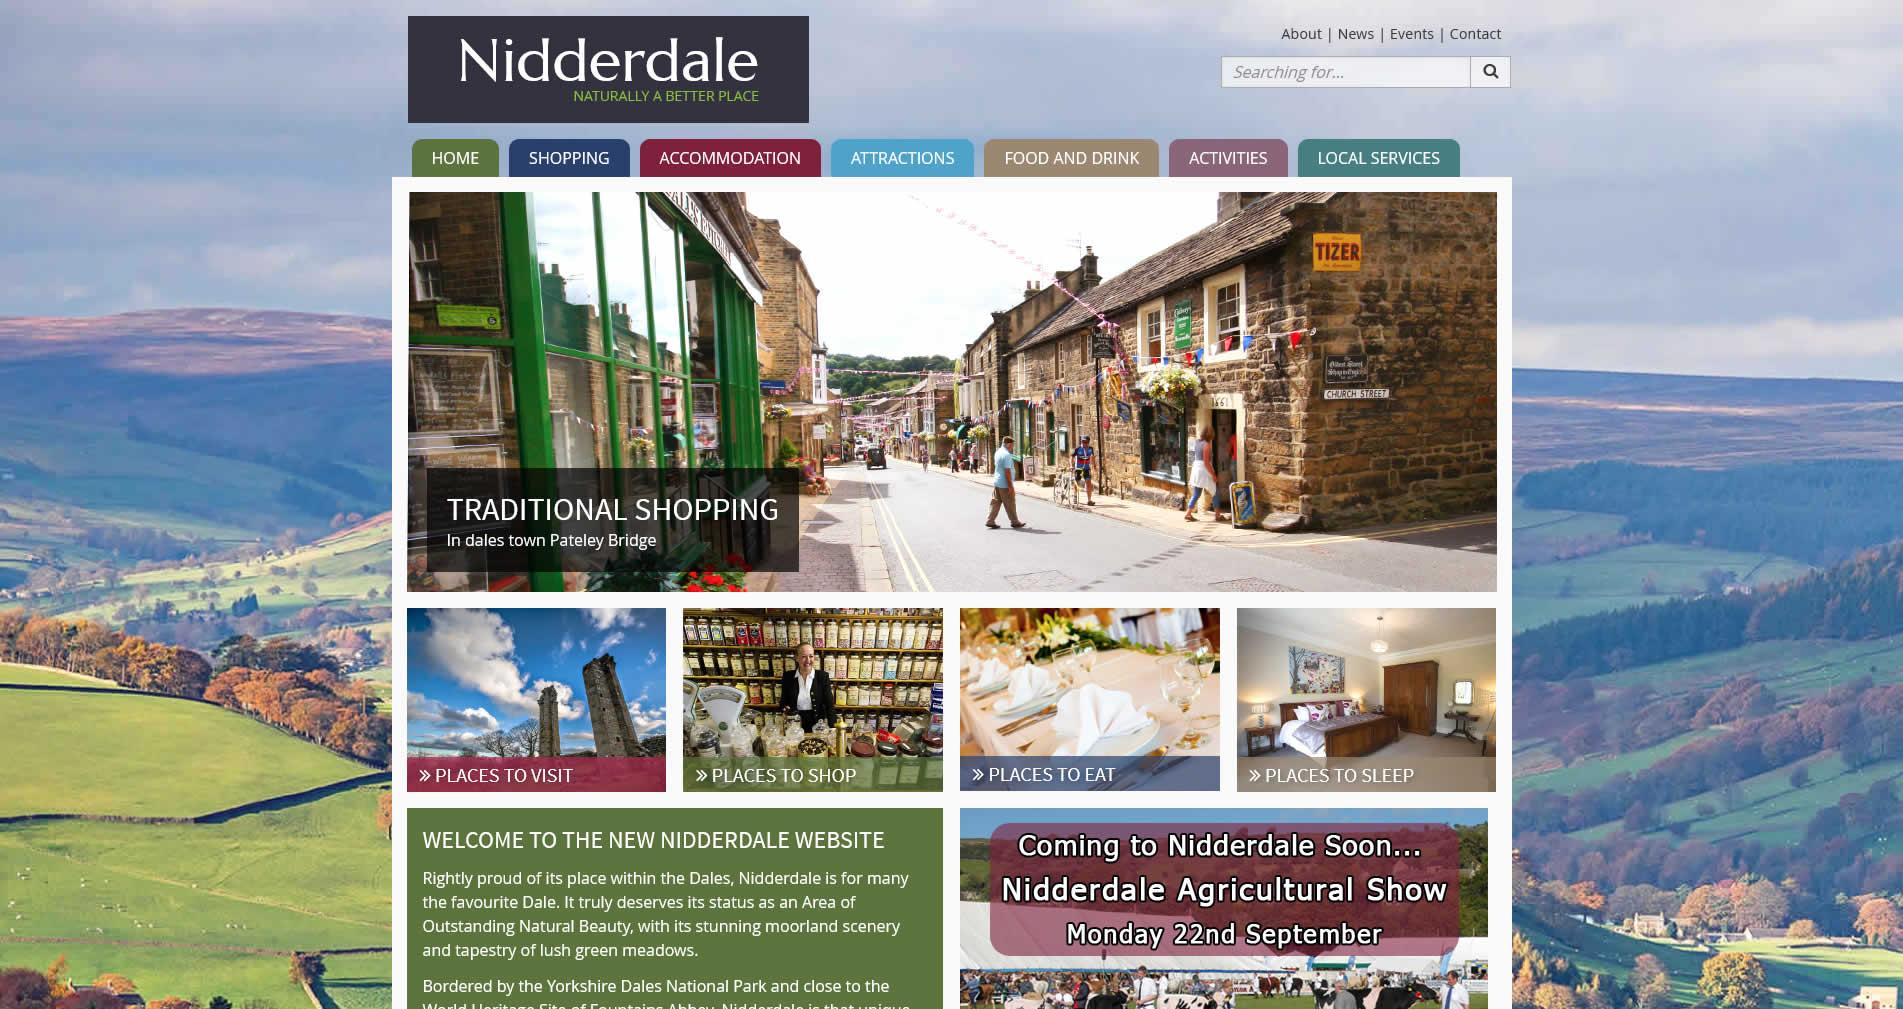 New Nidderdale website